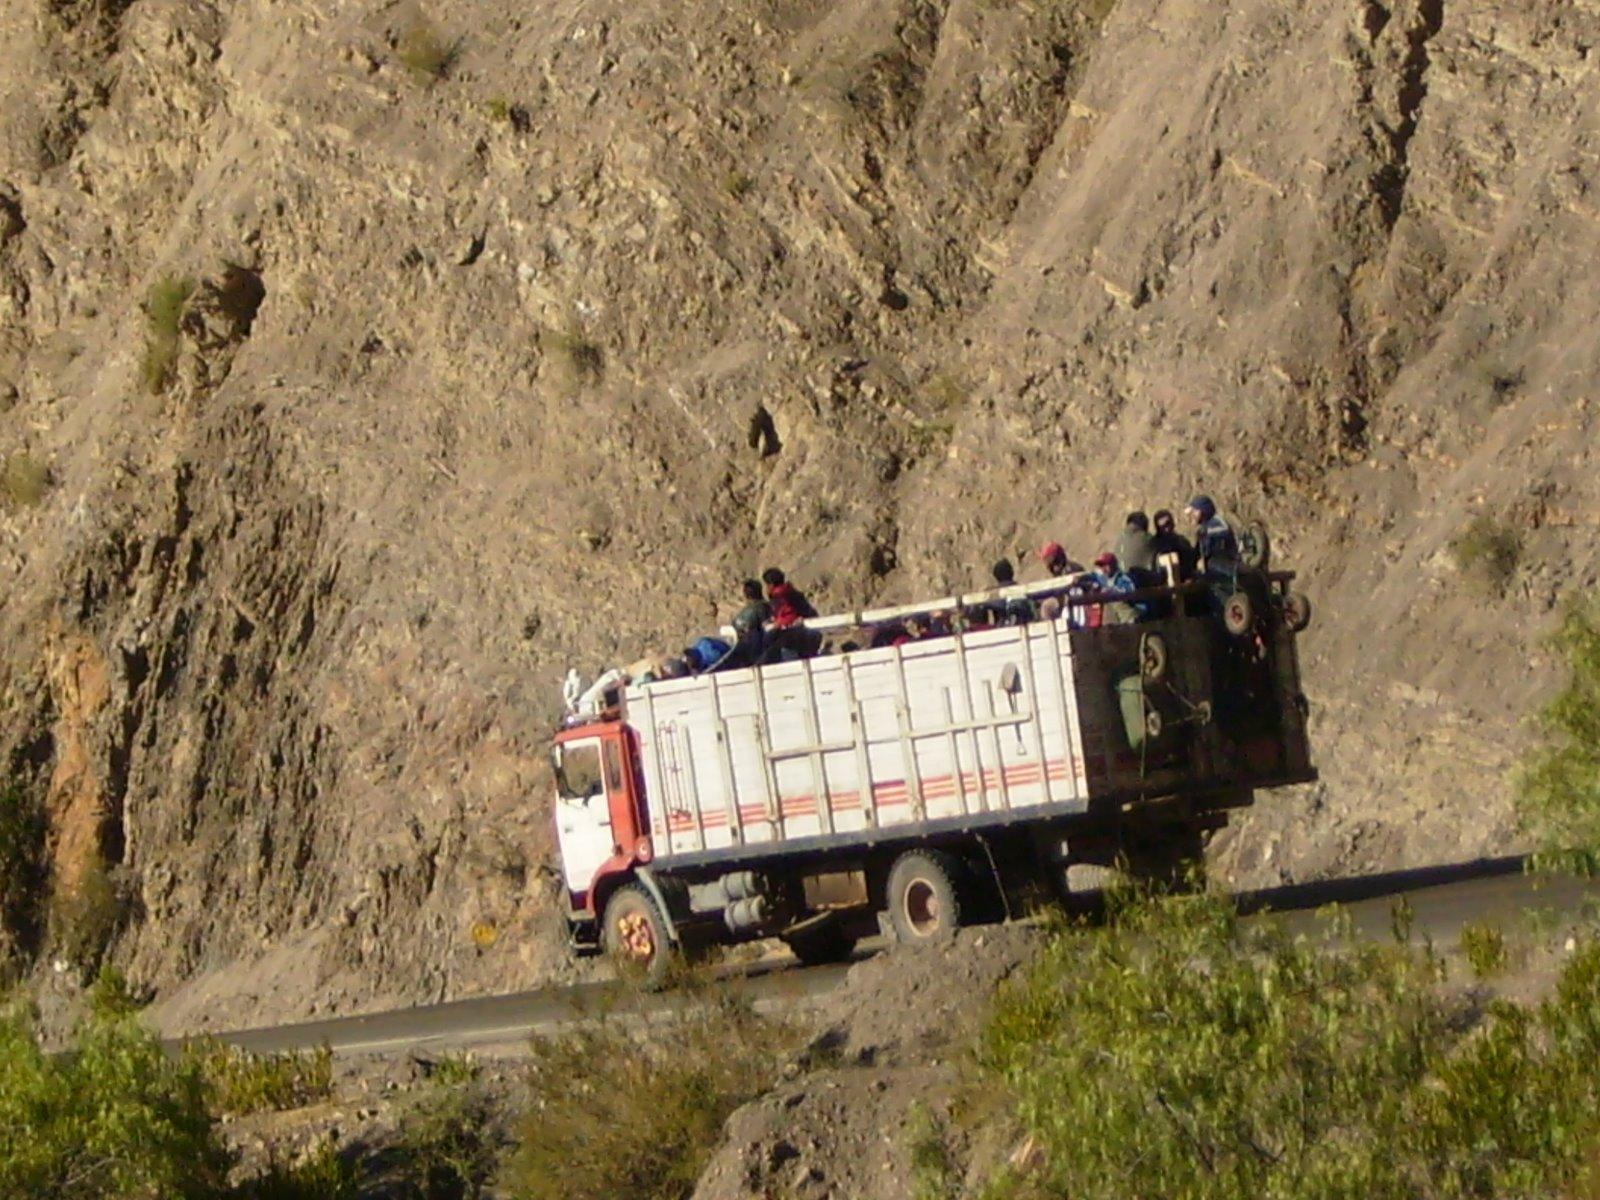 hahahaha um dos transportes mais comuns de la eheh